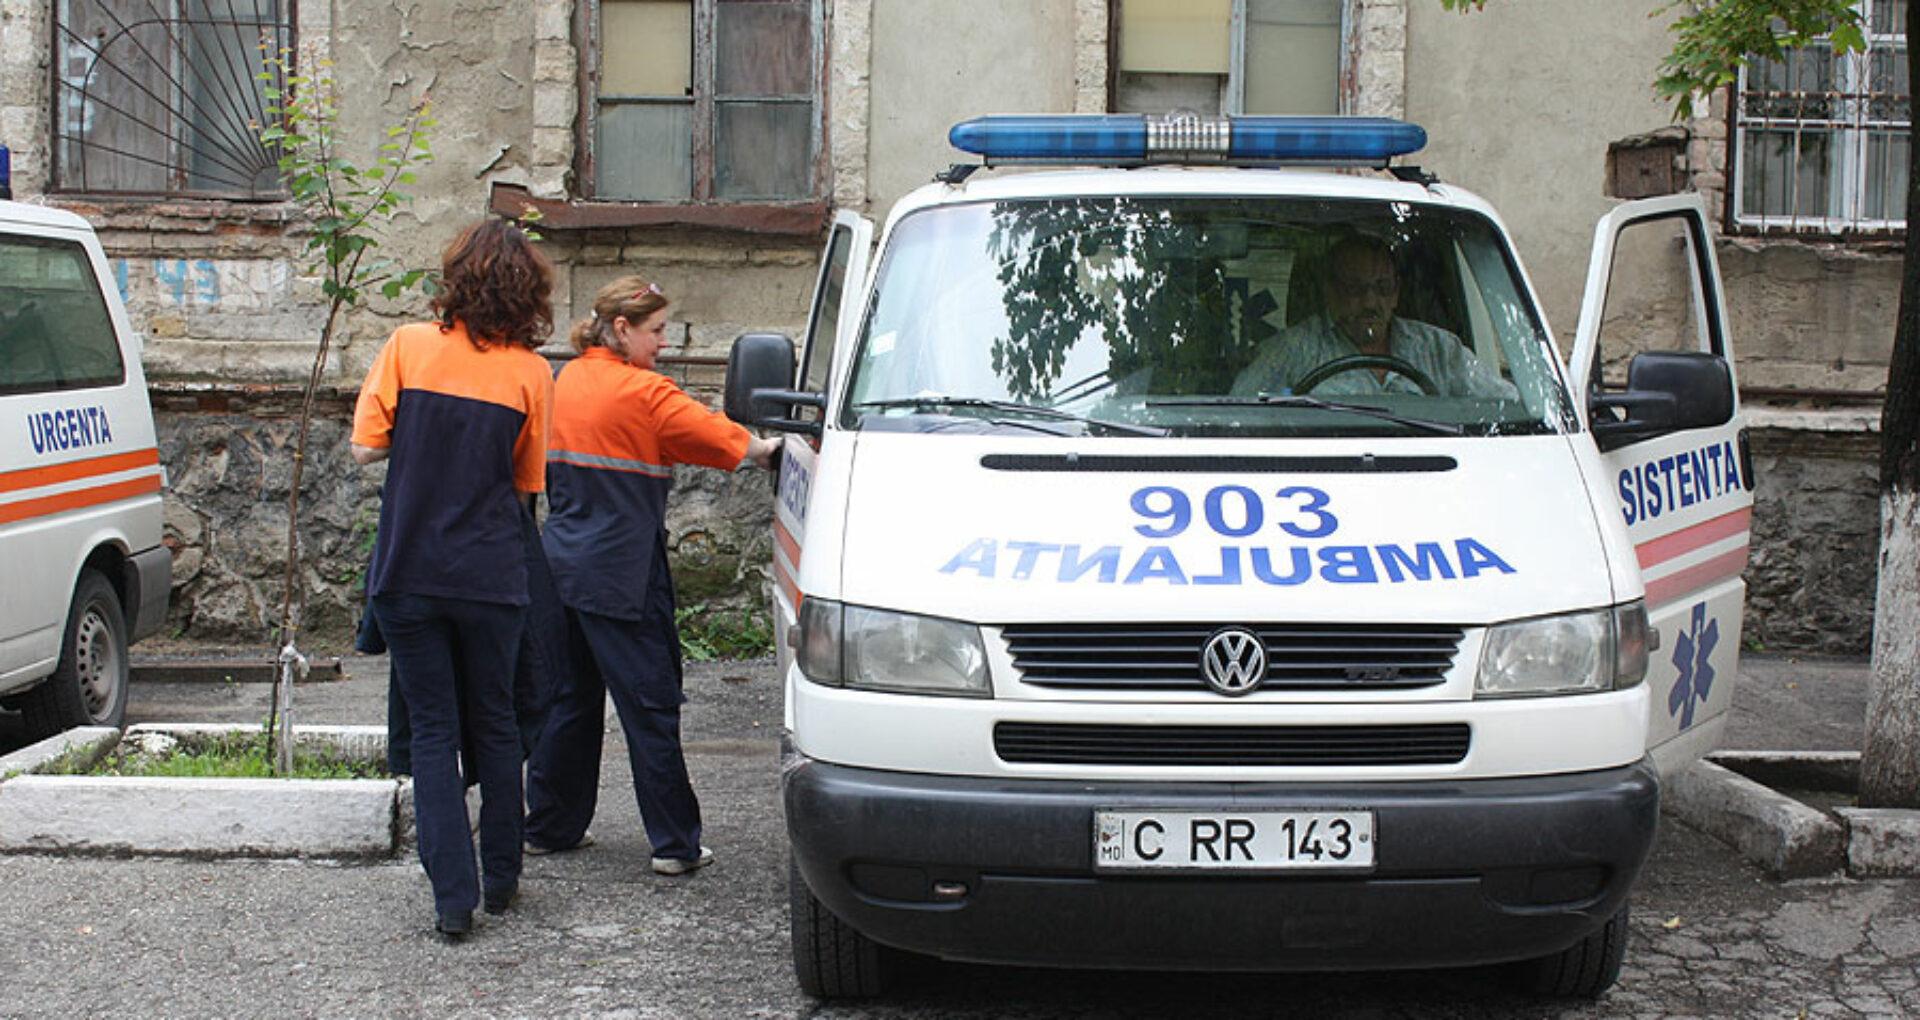 Premierul a solicitat concedierea mai multor persoane în cazul bărbatului care a decedat în stradă